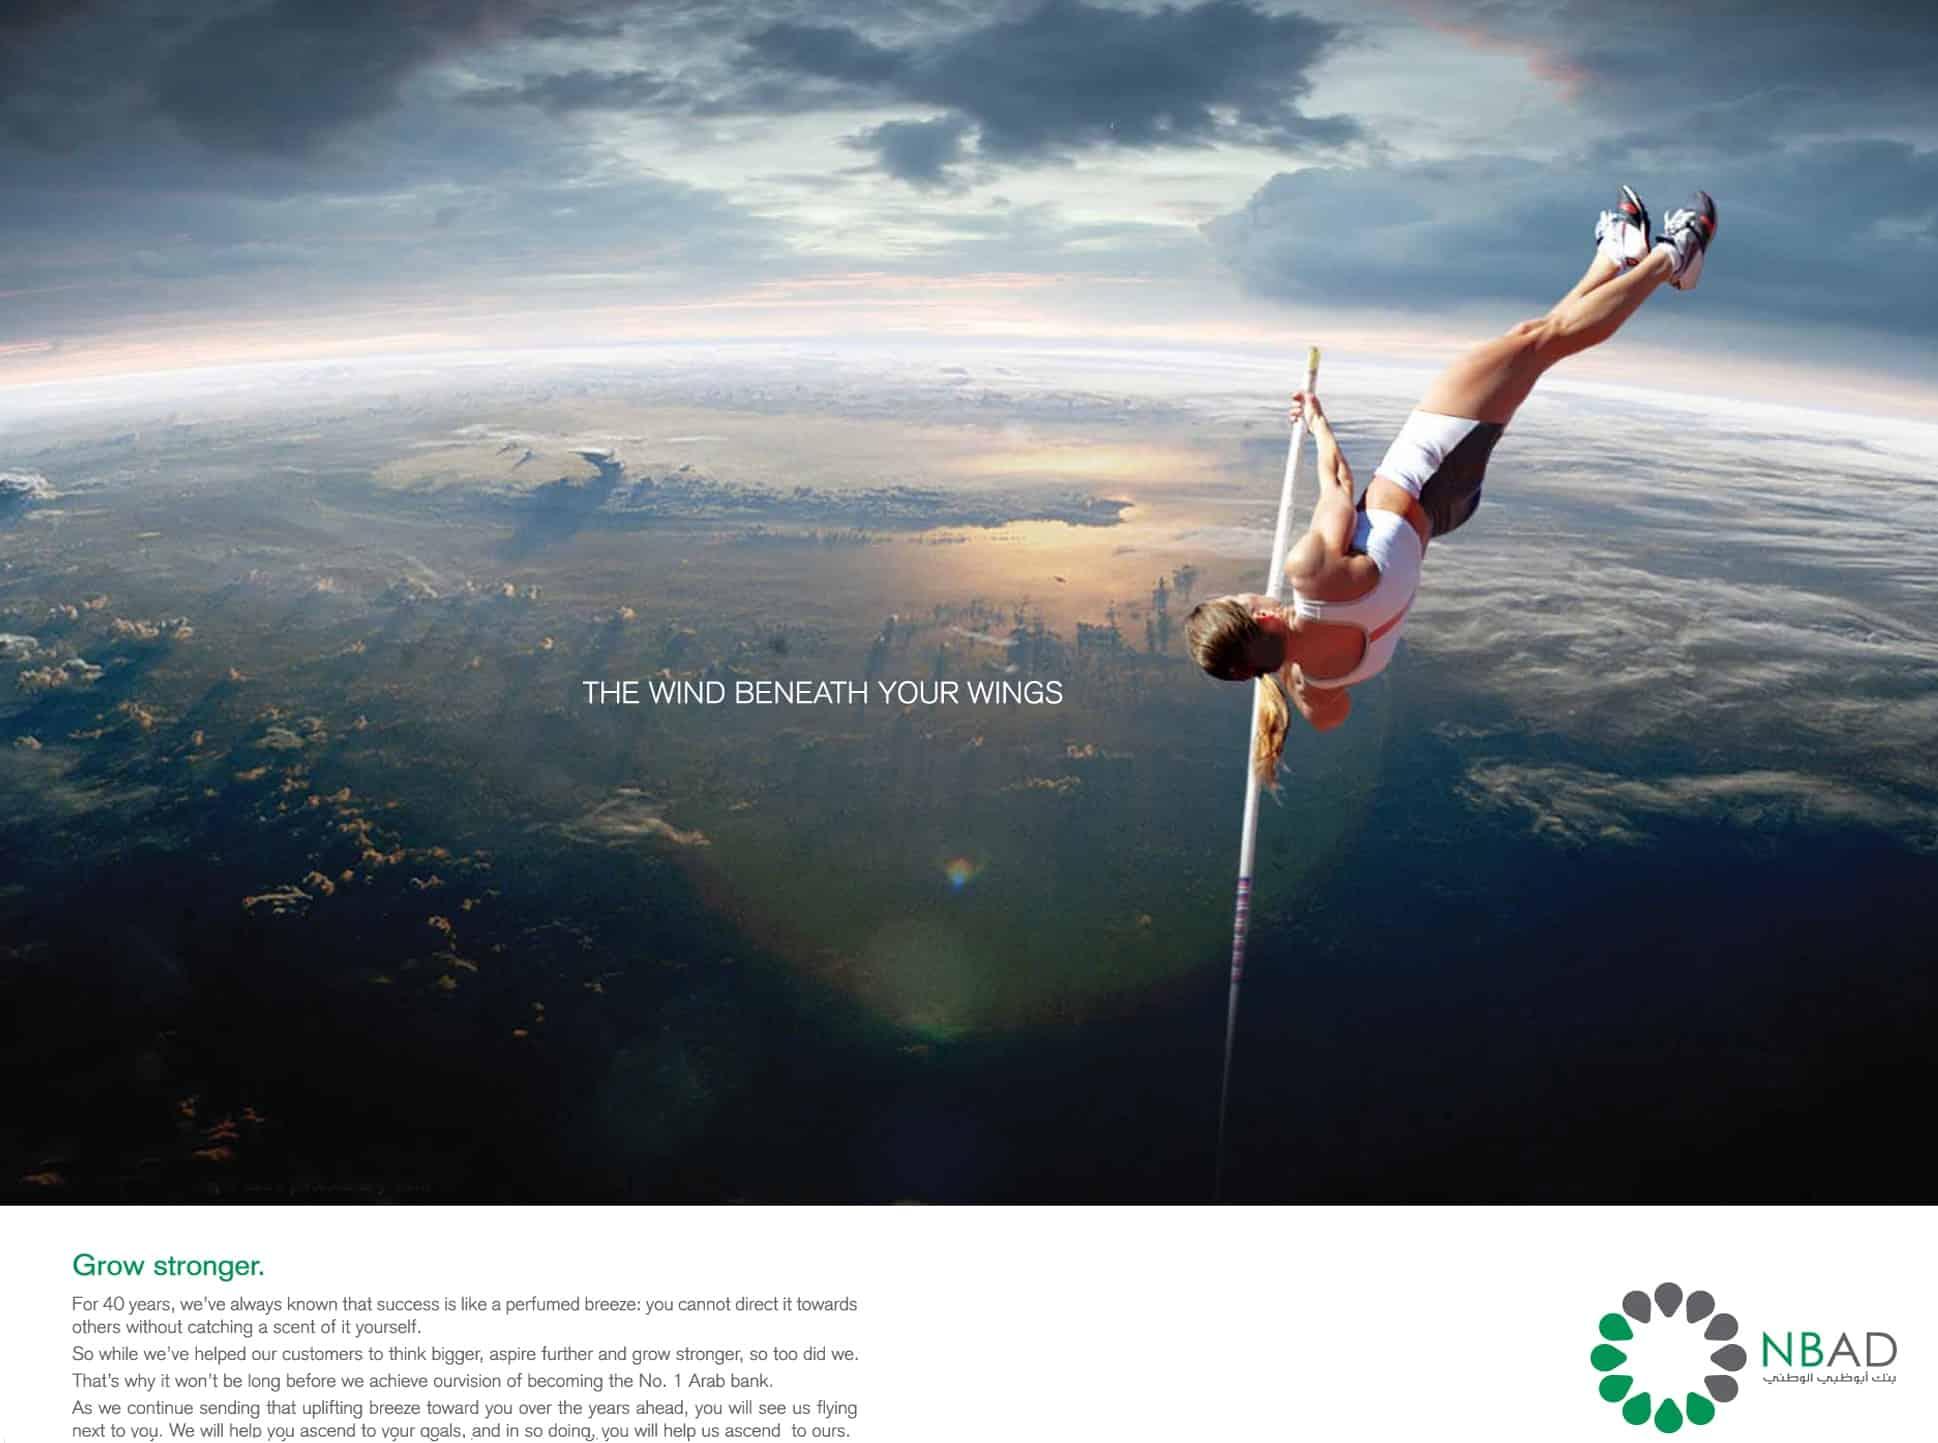 HSBC BANK ADVERTISING AWARENESS CAMPAIGN